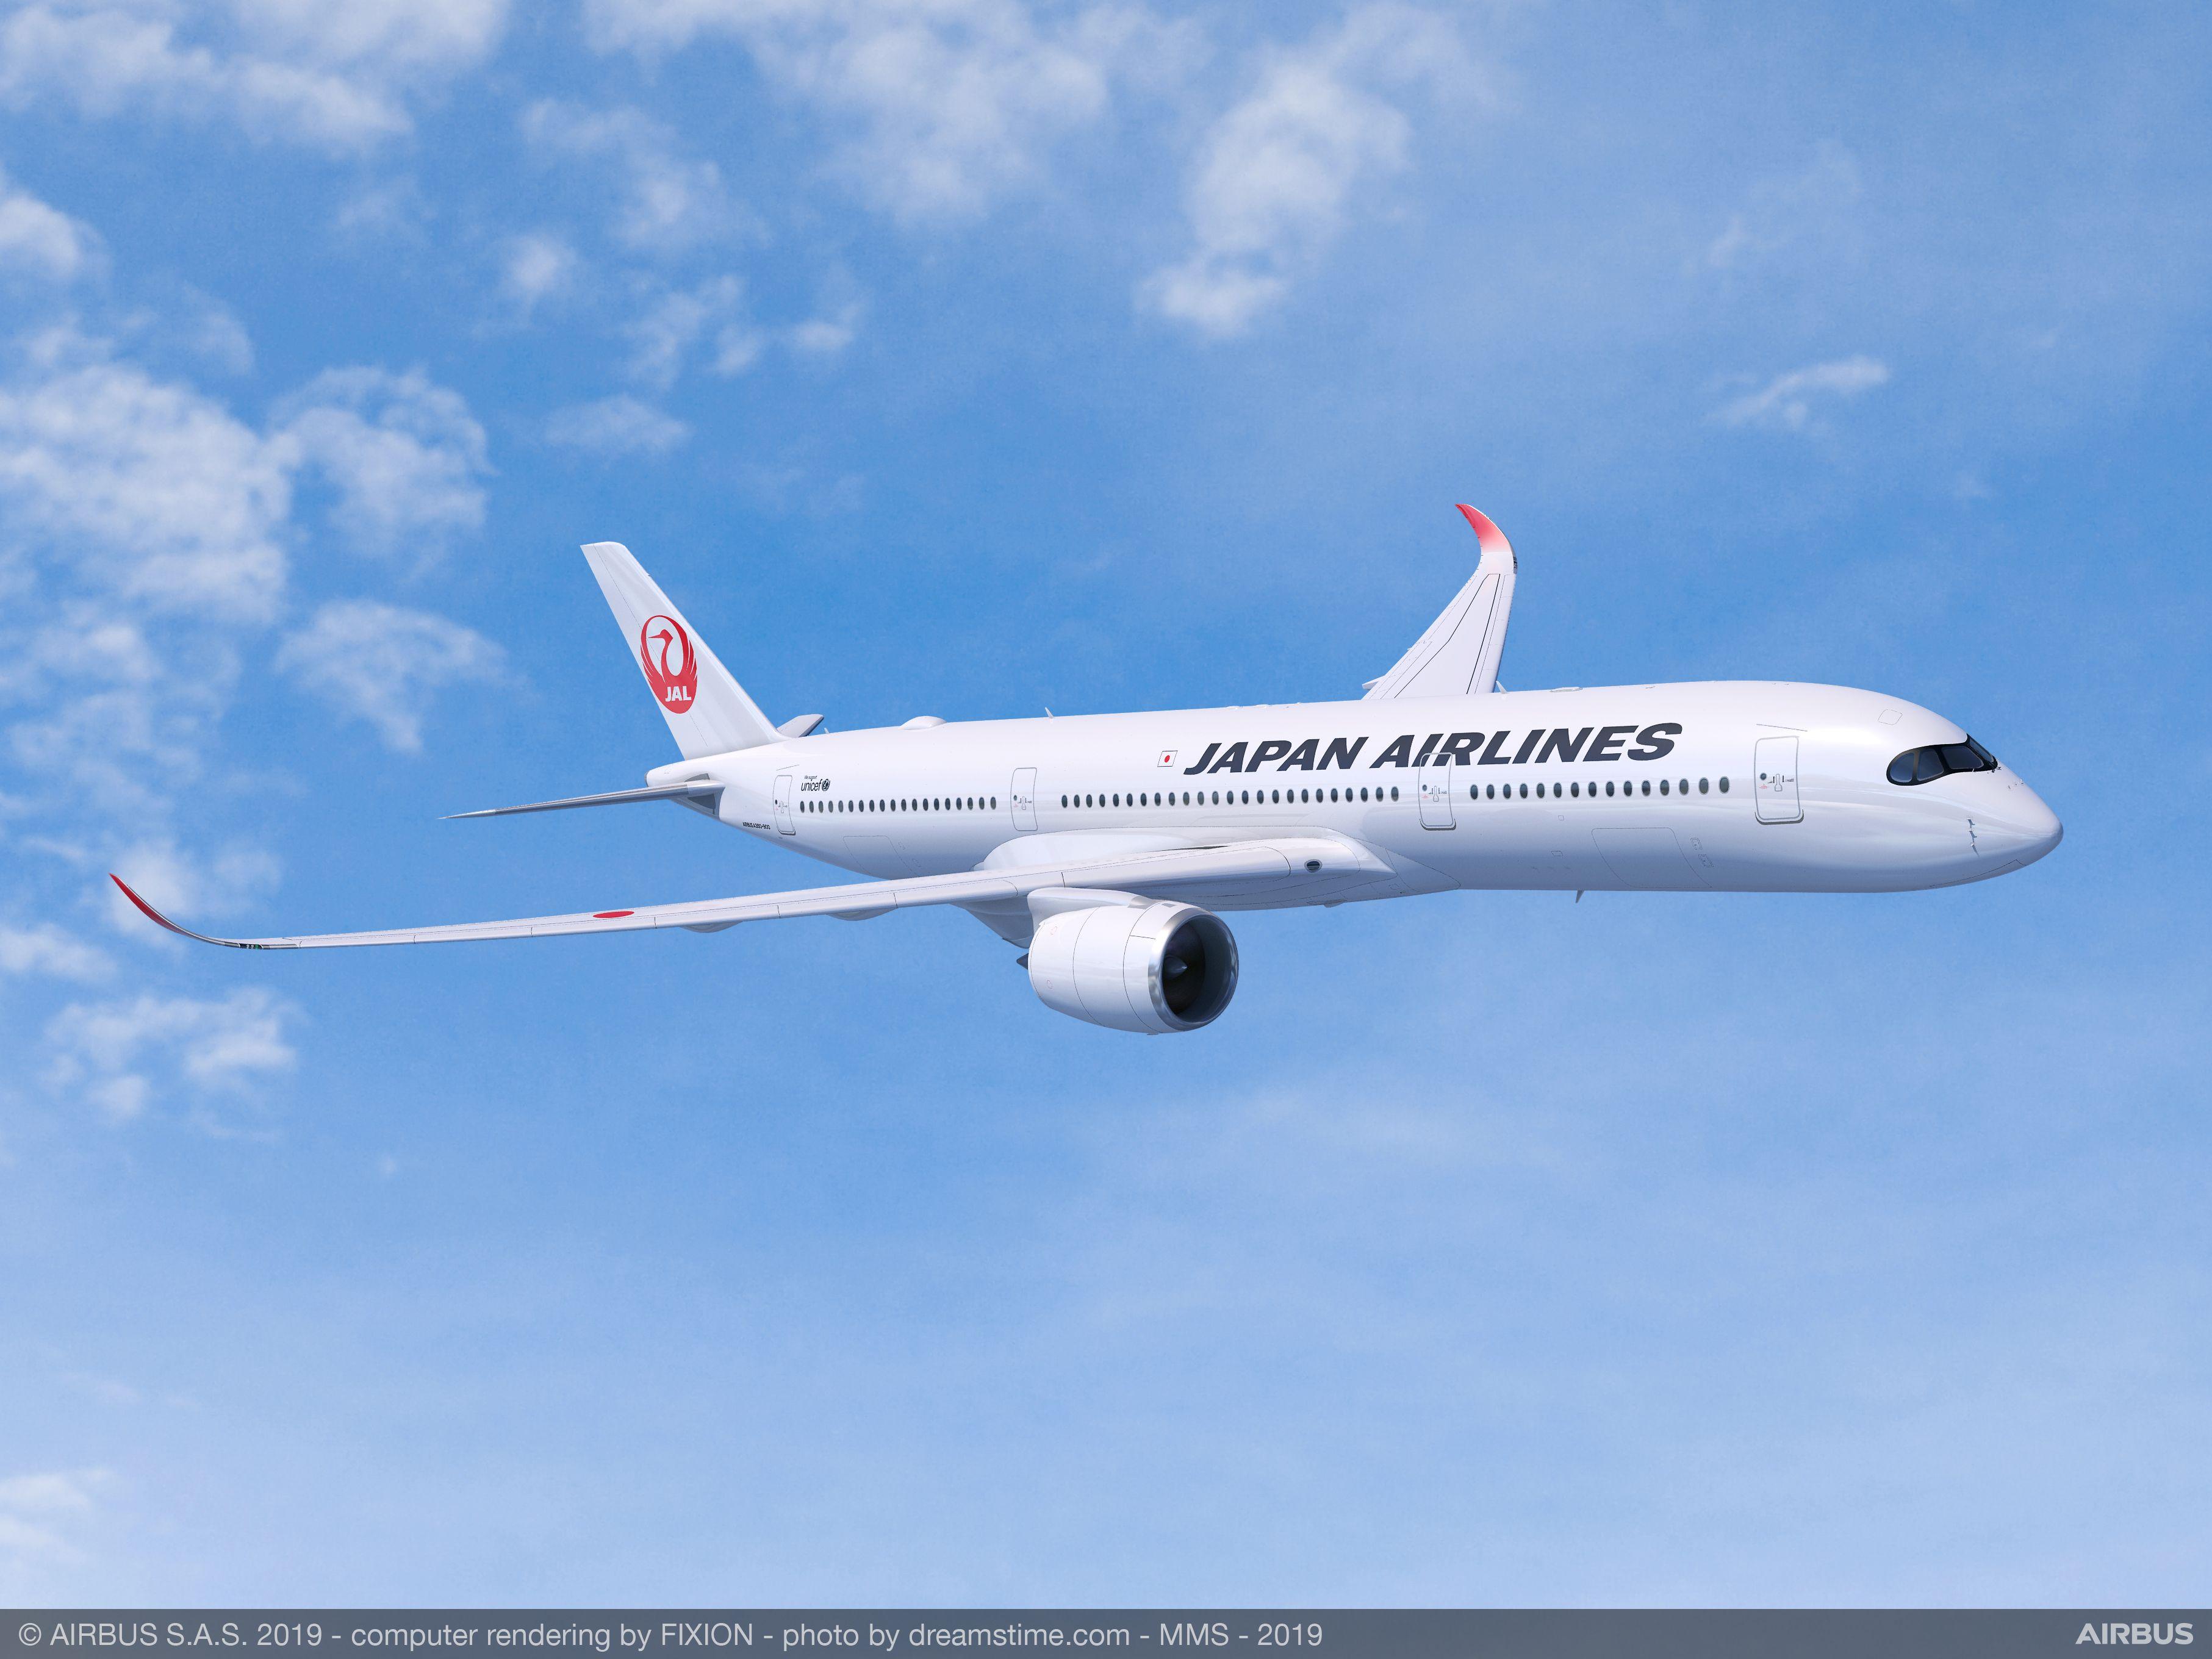 Airbus in Japan - Worldwide presence - Airbus